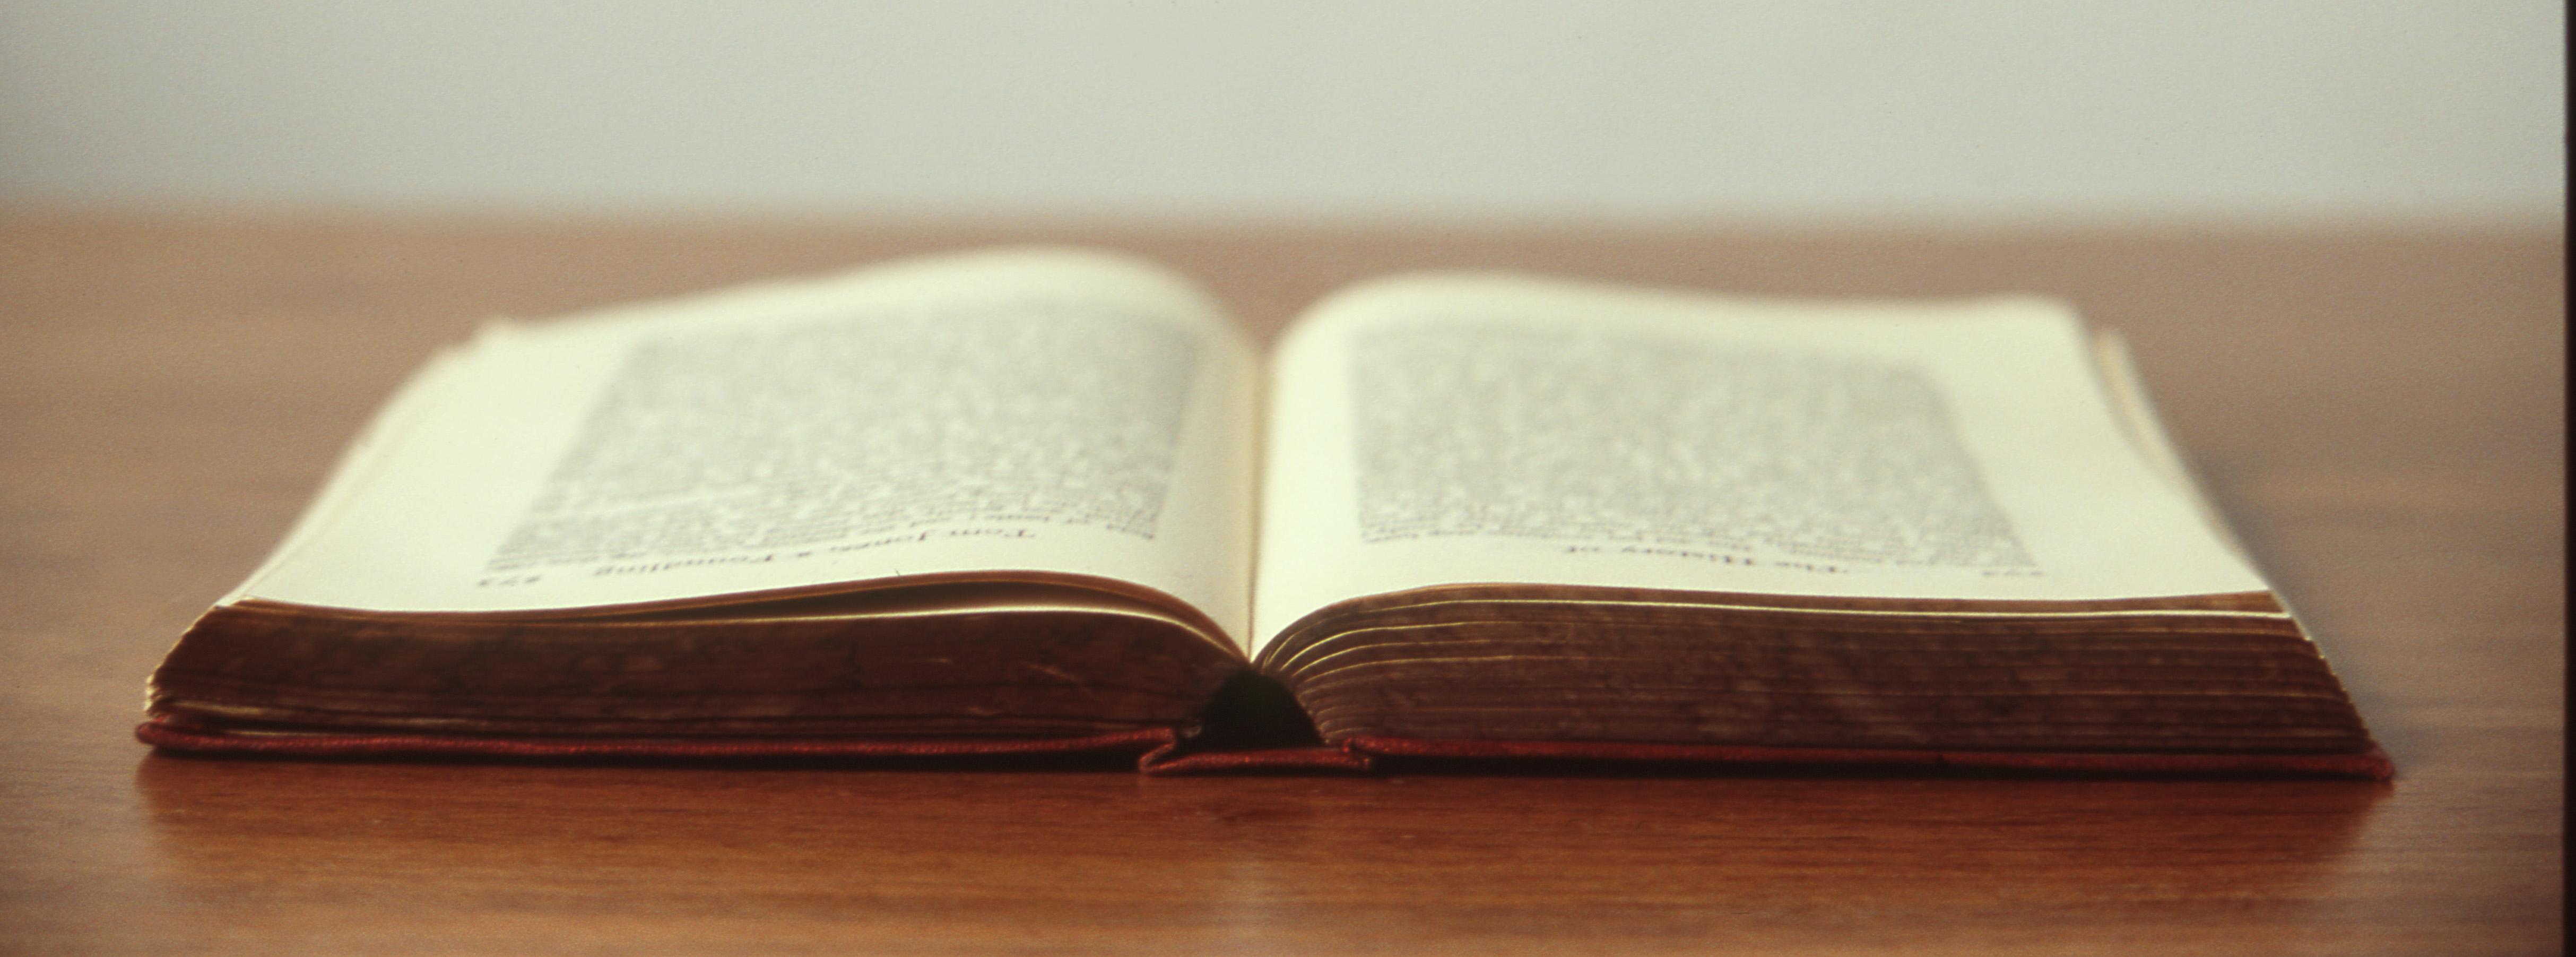 martingala e opzioni binarie libri per neofiti